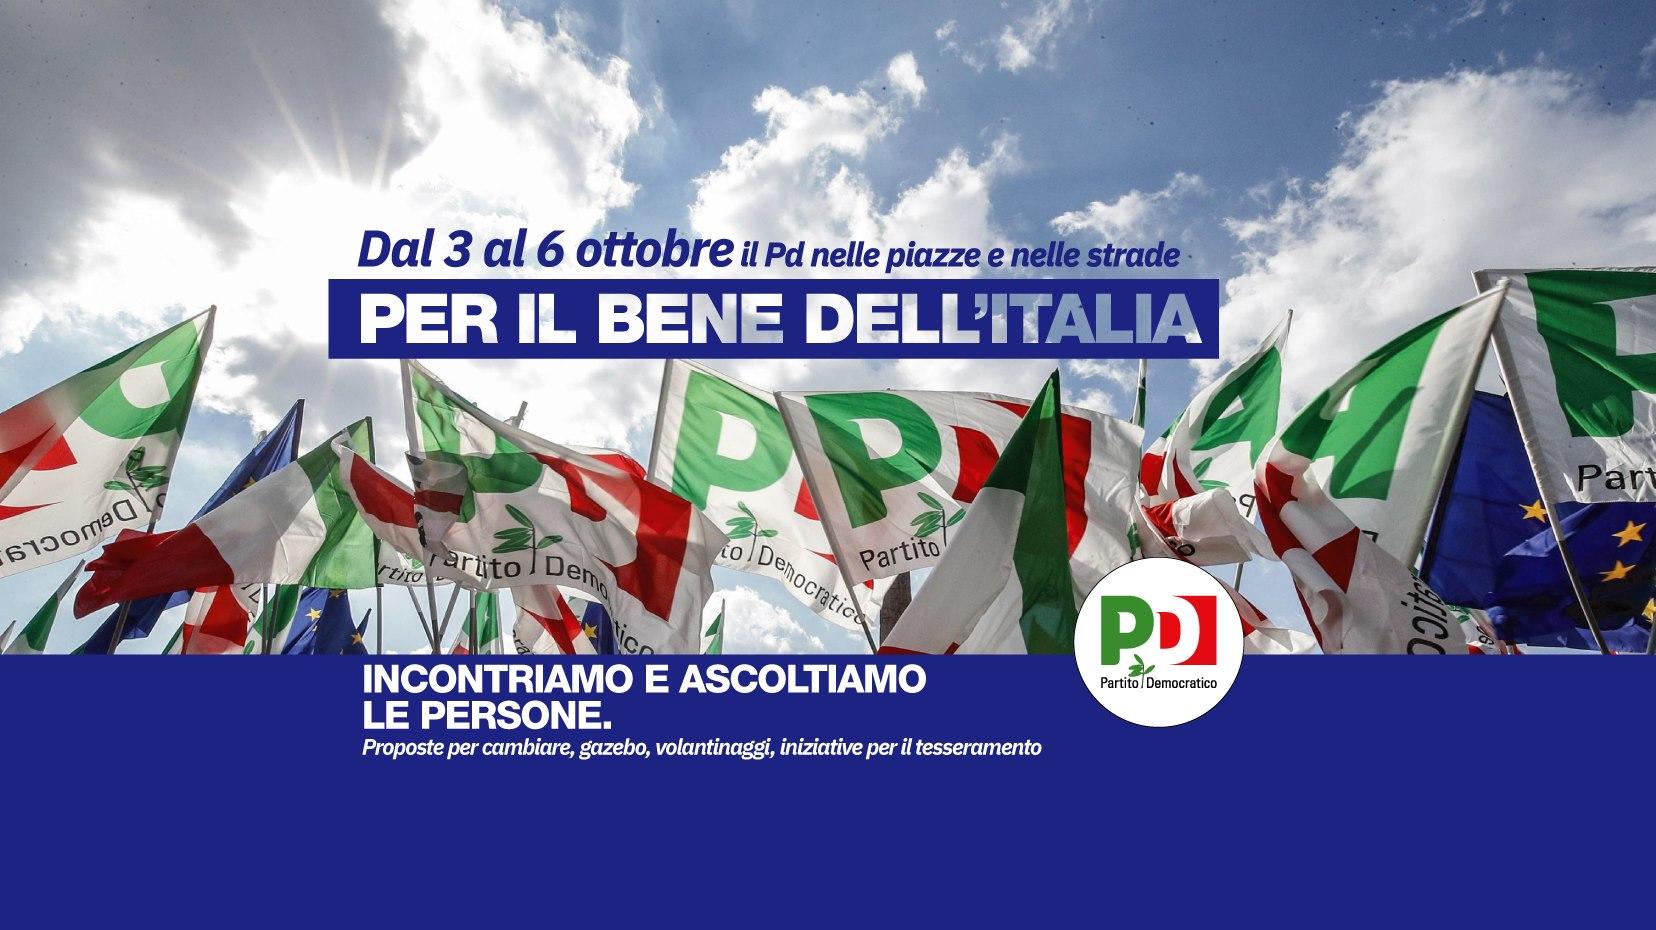 PD Per il bene dell'Italia